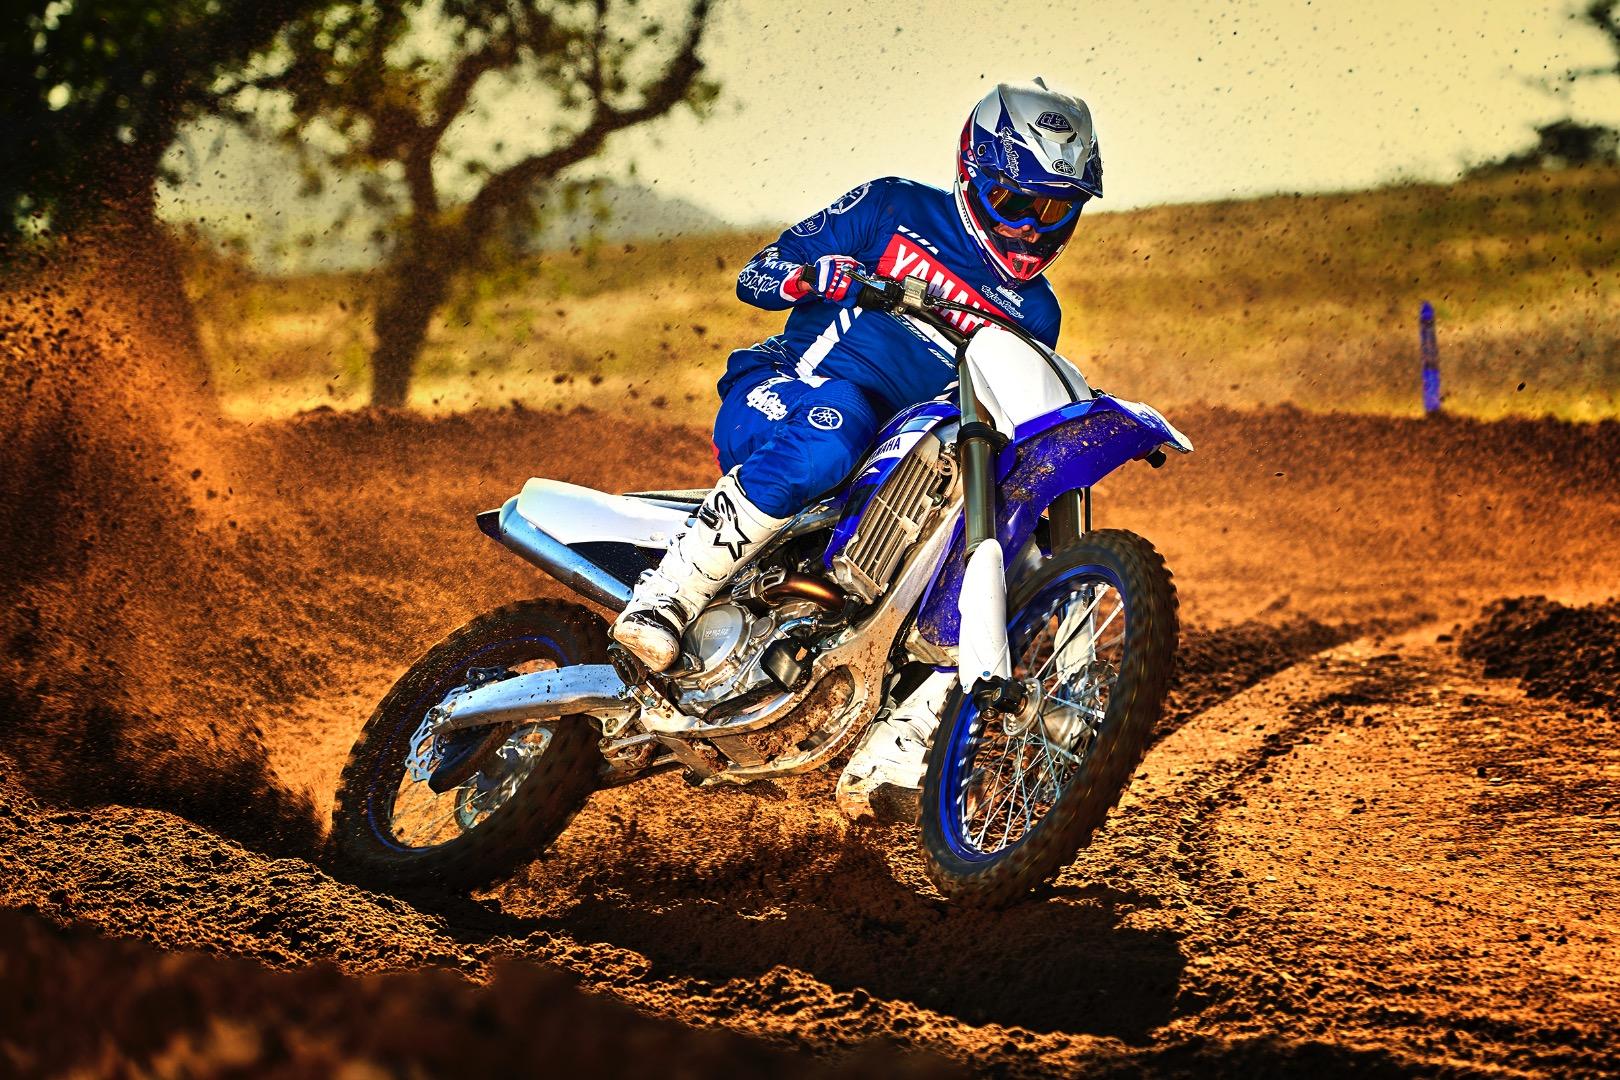 Yamaha motocross 2019 luxo total motoraid on line o motor da yamaha yz 250f a 4 tempos com 4 vlvulas injeo electrnica e refrigerao lquida tem o sistema de admisso de ar montado na parte fandeluxe Image collections